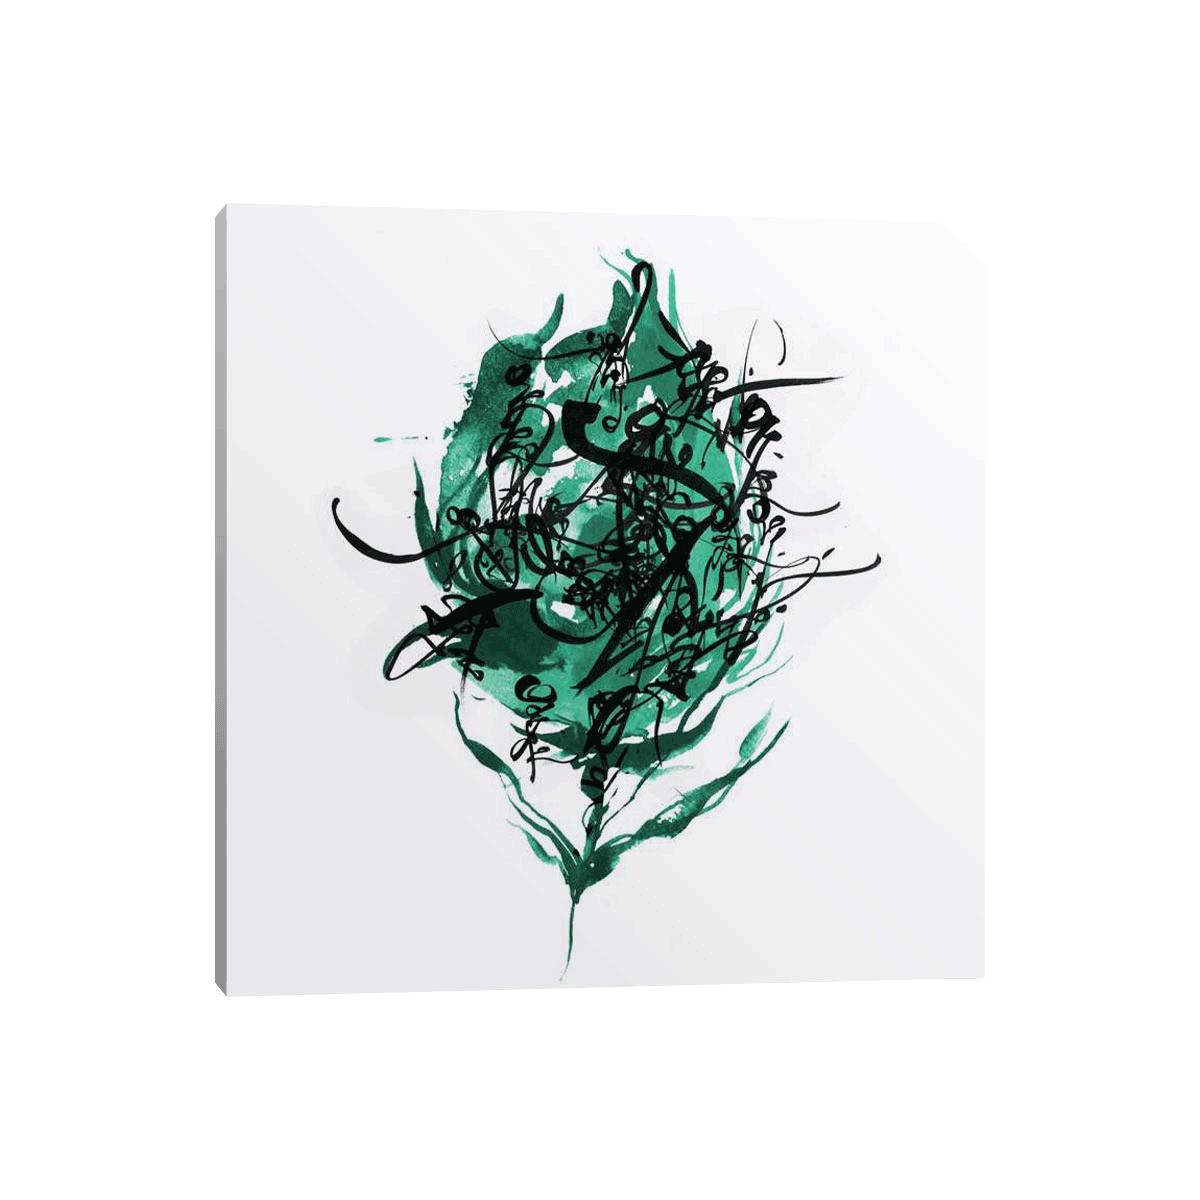 لوحات جدارية - أقحوان أخضر - لوحات جدارية - كانفسي - لوحة فنية جدارية تجريدية بألوان و تصاميم جذابة تعطي طاقة حيوية وتفاؤل و تتناسب مع جميع أثاثكم شاهد المزيد في متجر كانفسي